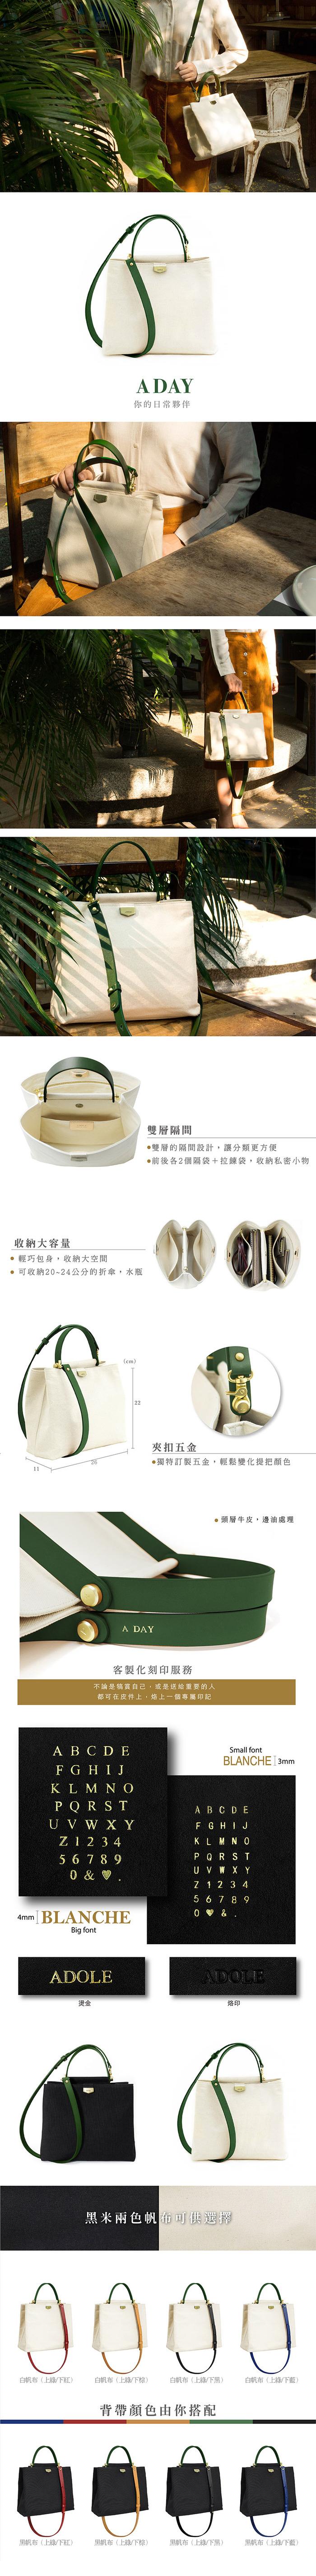 (複製)ADOLE|ADay皮革斜背包/米帆布包+綠提把